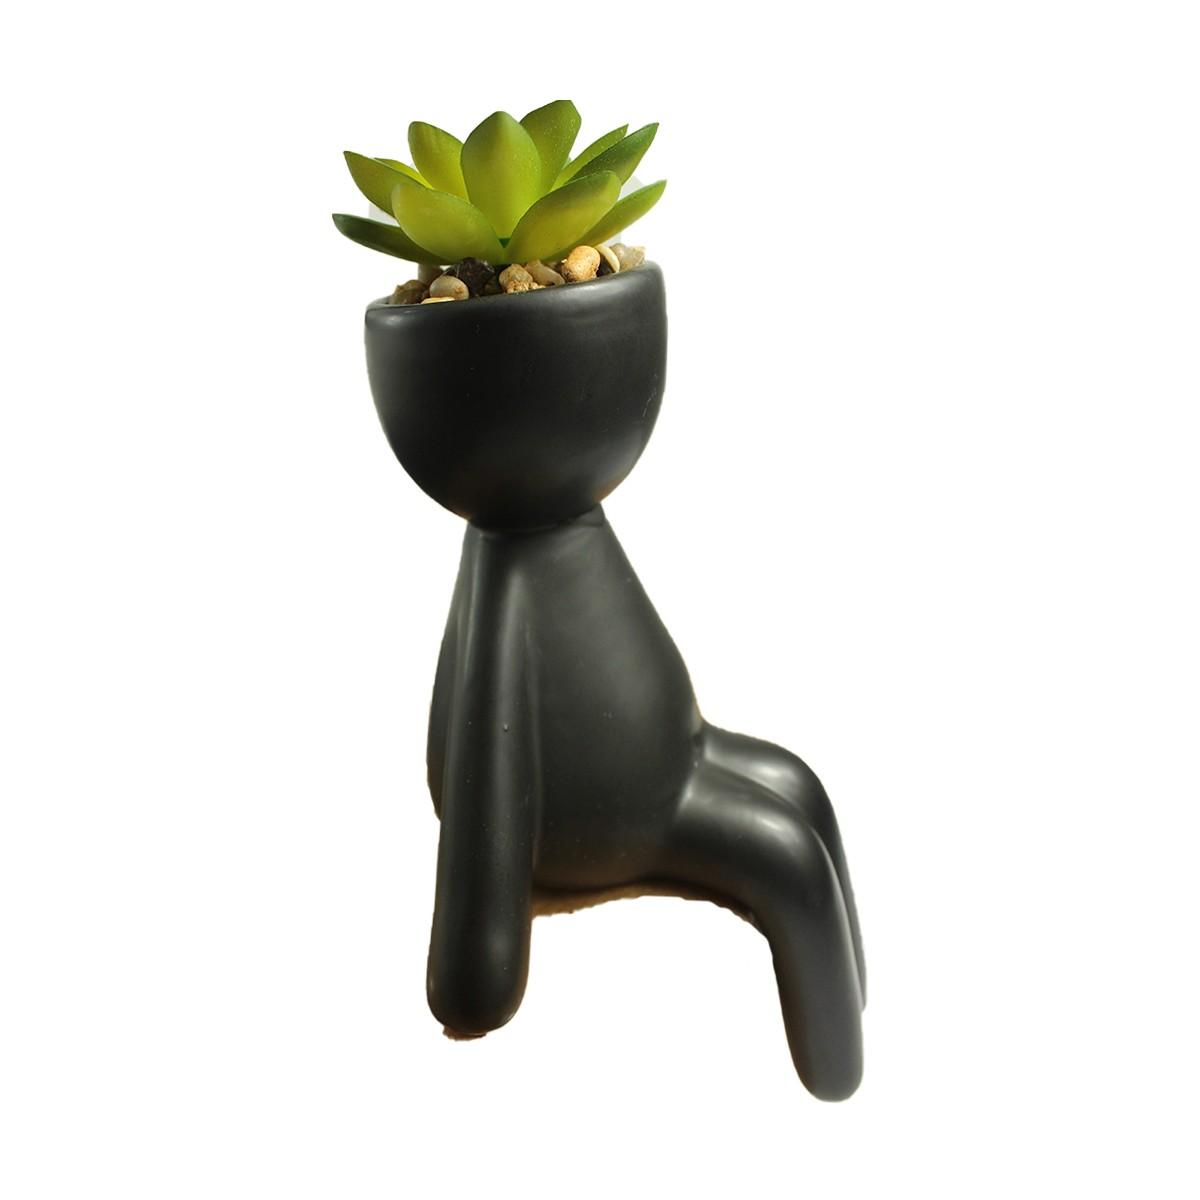 Vaso Cerâmica Suculenta Boneco Sentado Robert Plant Preto  - Shop Ud